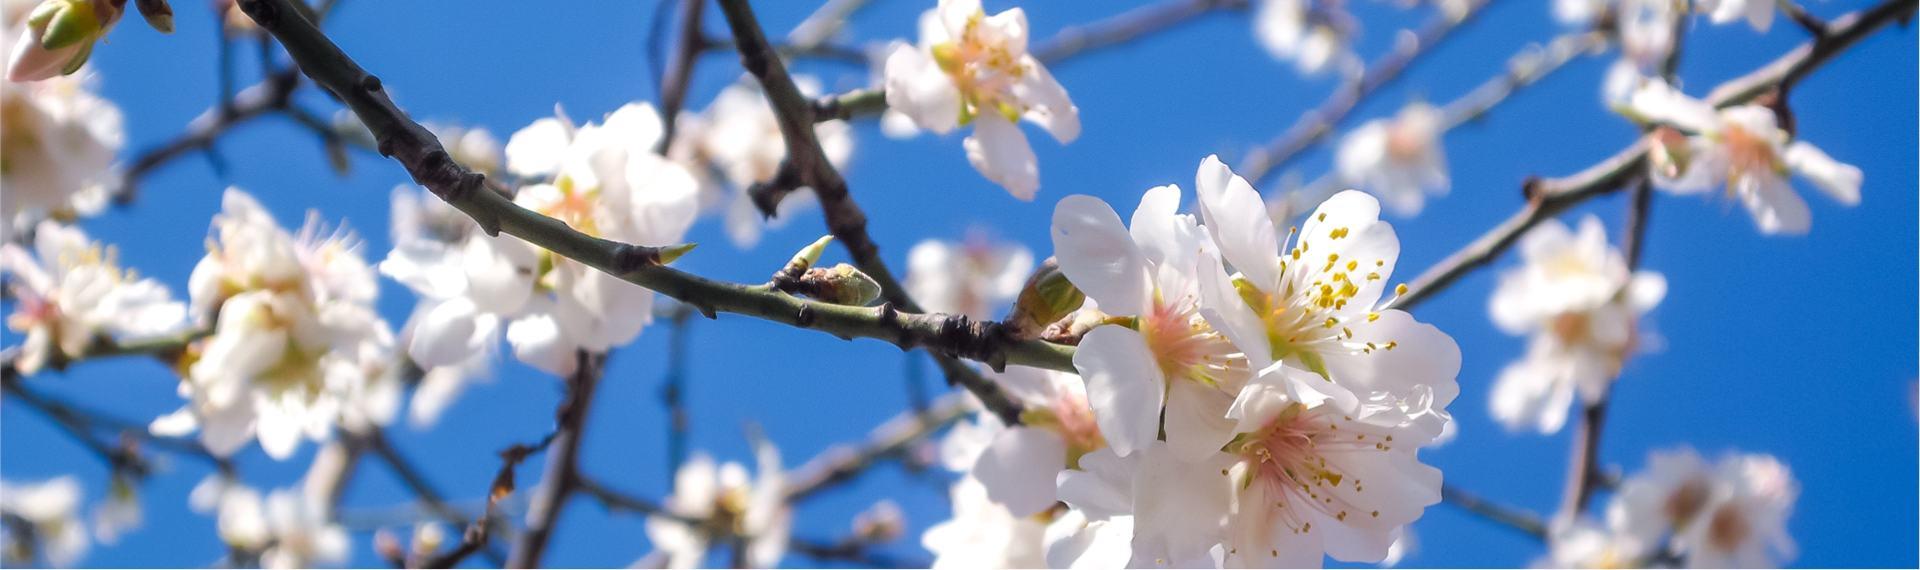 Arbre en fleur au printemps